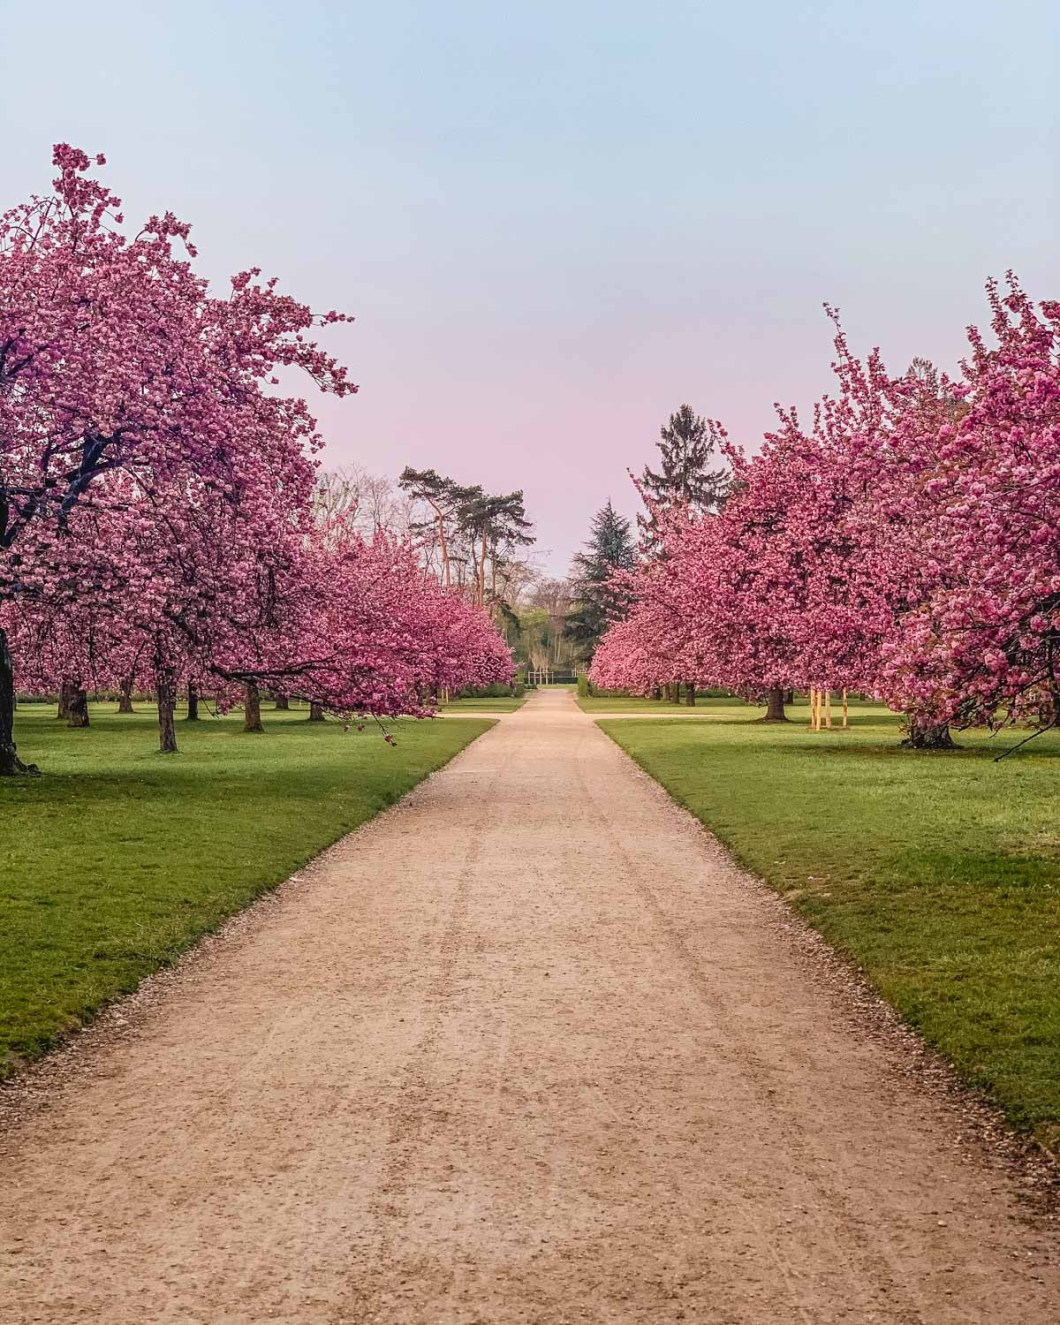 Cherry blossoms in the Parc de Sceaux - near Paris